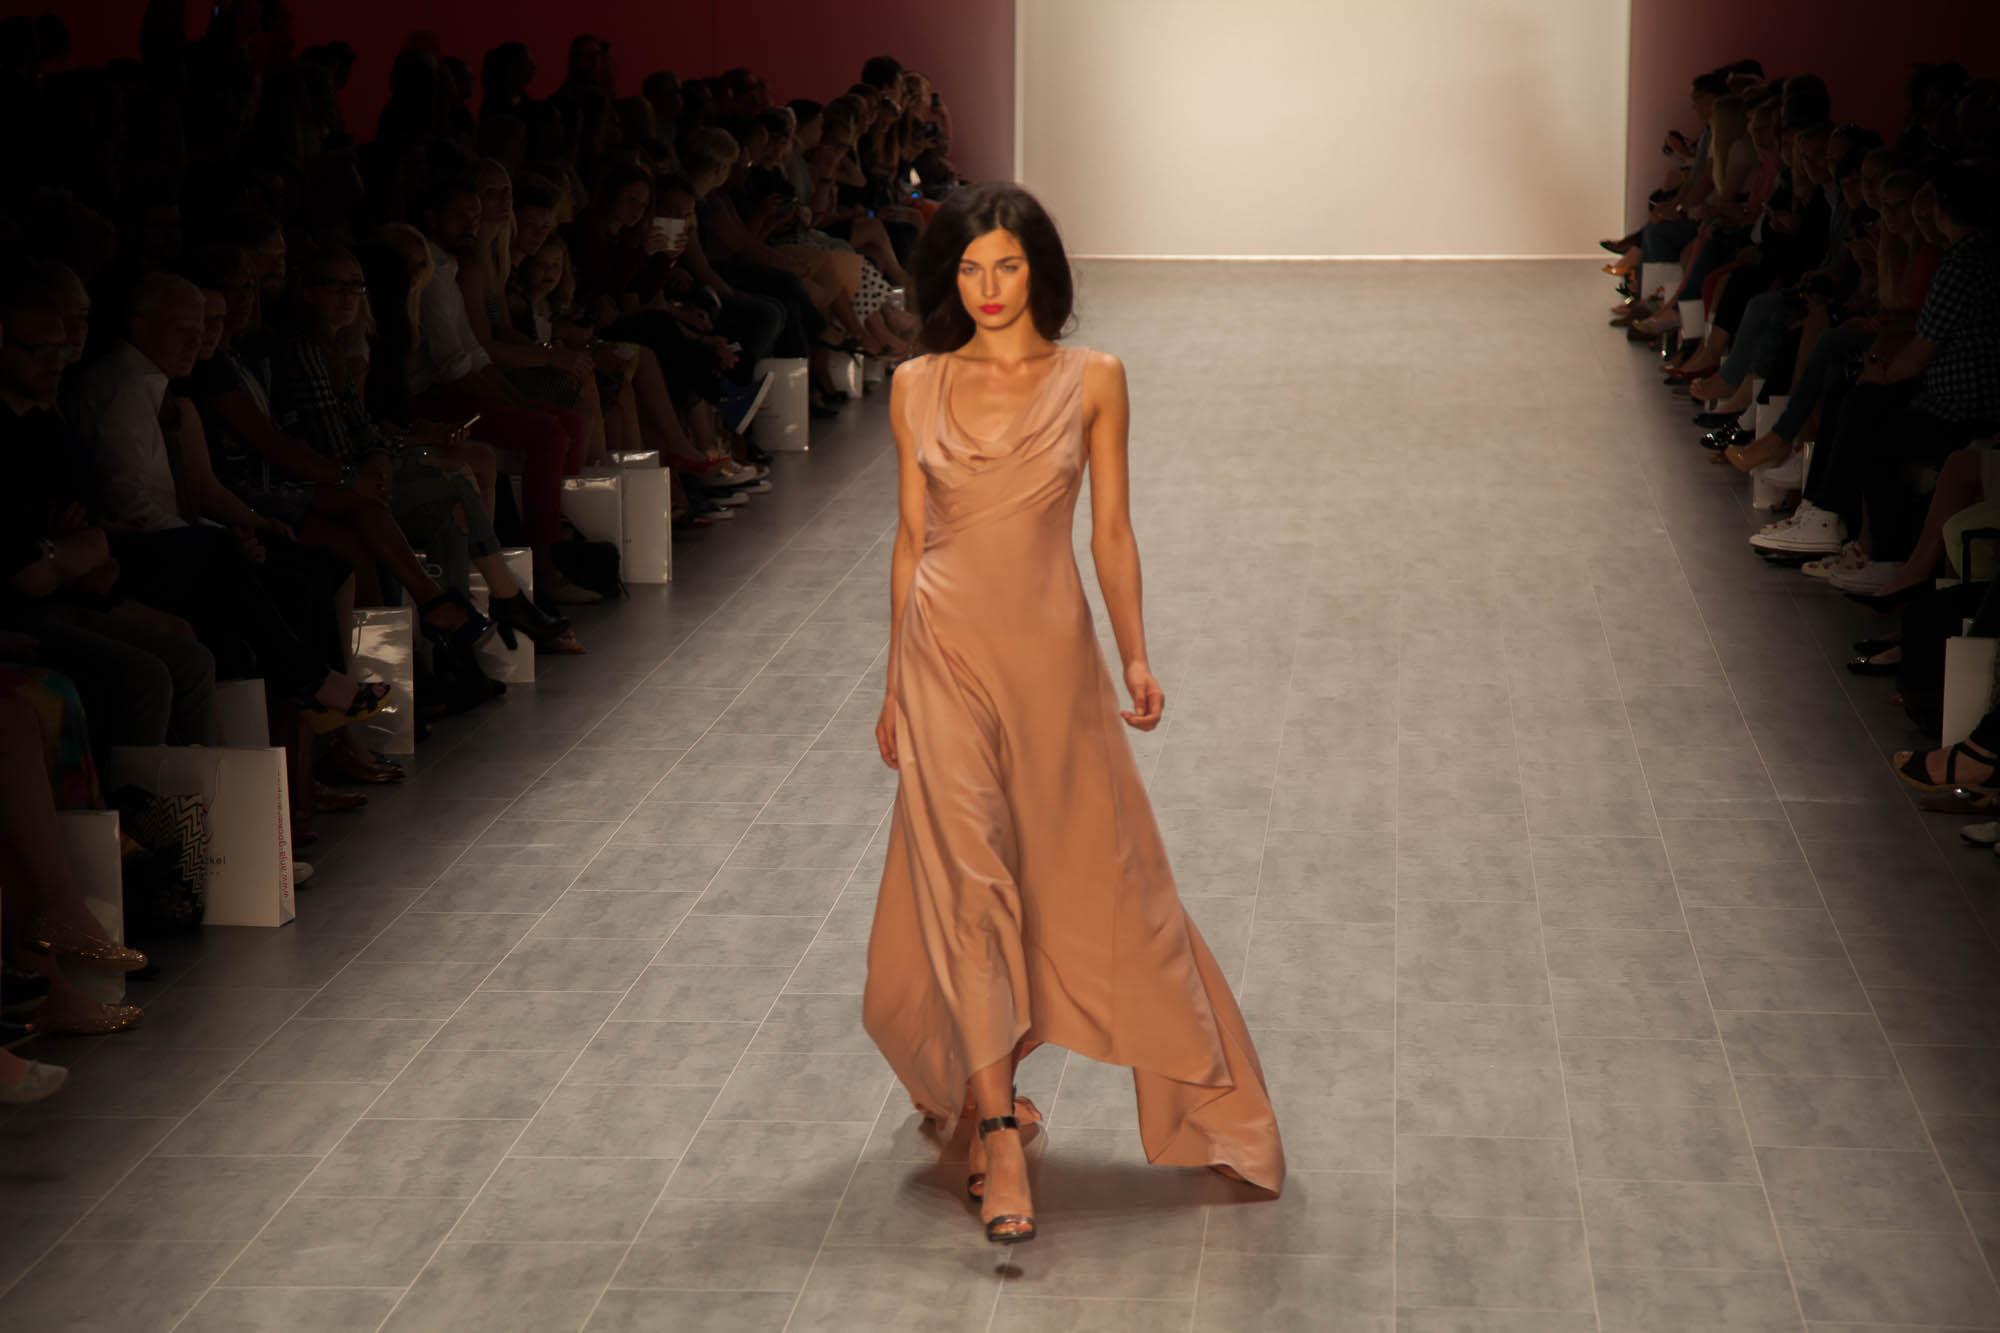 20140709-Fashionweek-anjagockel-05